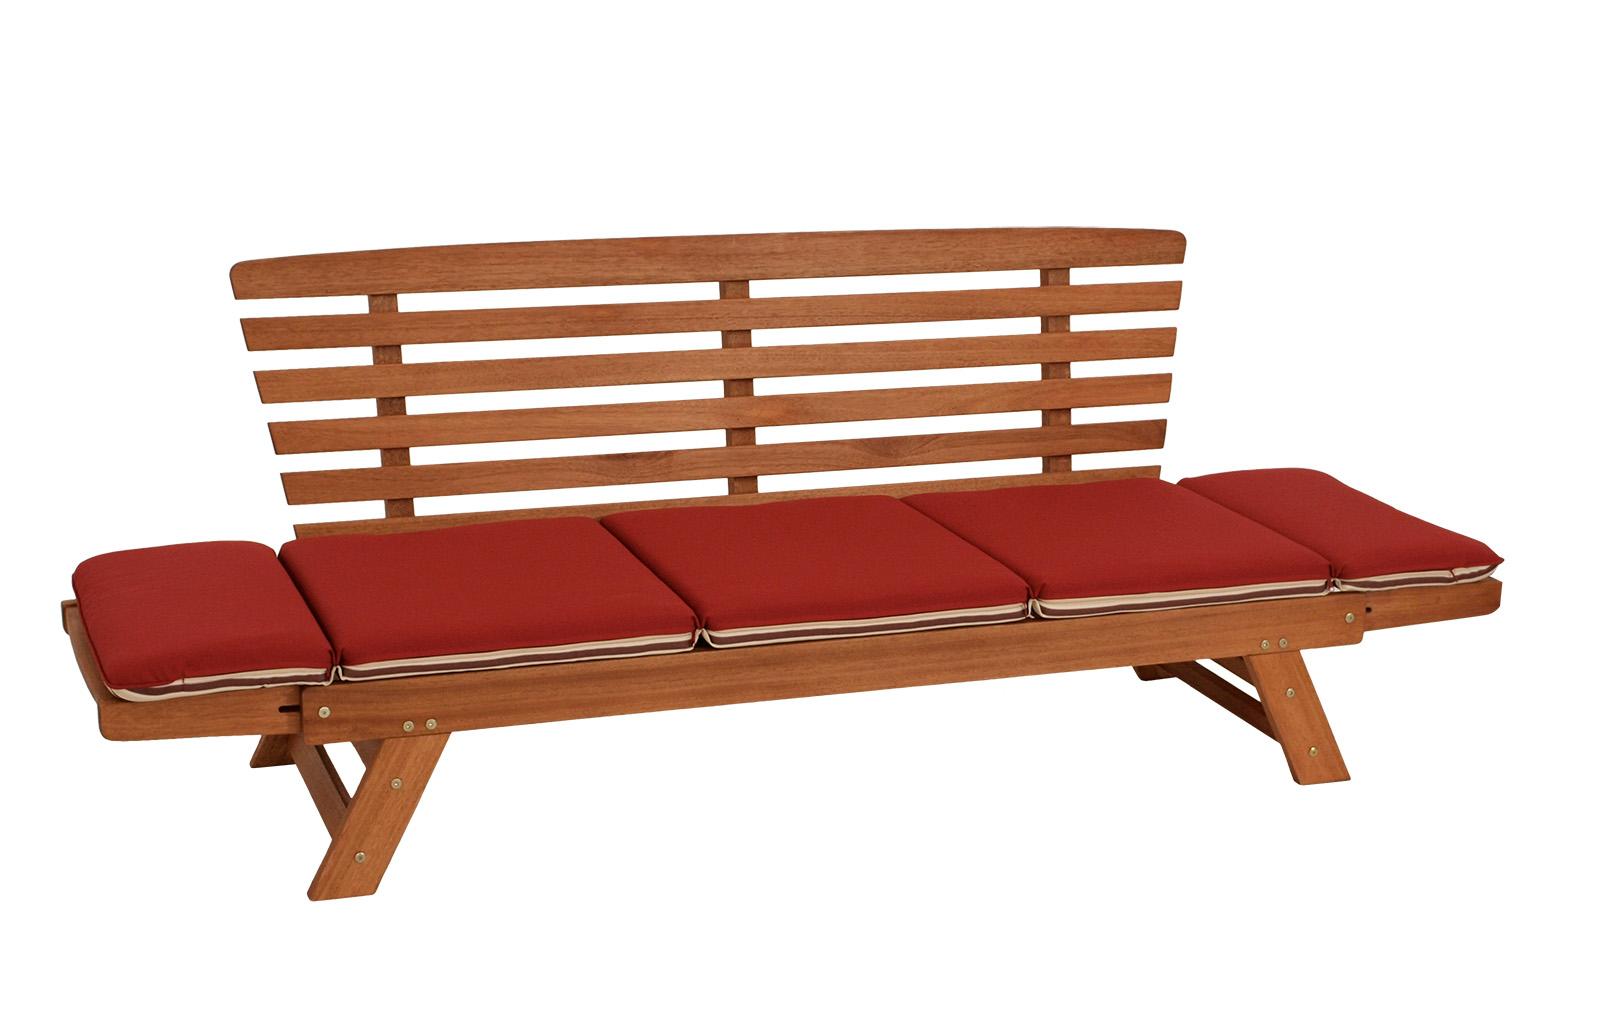 gartenbank schlafsofa gartenm bel gartensofa tirol 202cm holz mit auflage rot 4050747259250 ebay. Black Bedroom Furniture Sets. Home Design Ideas